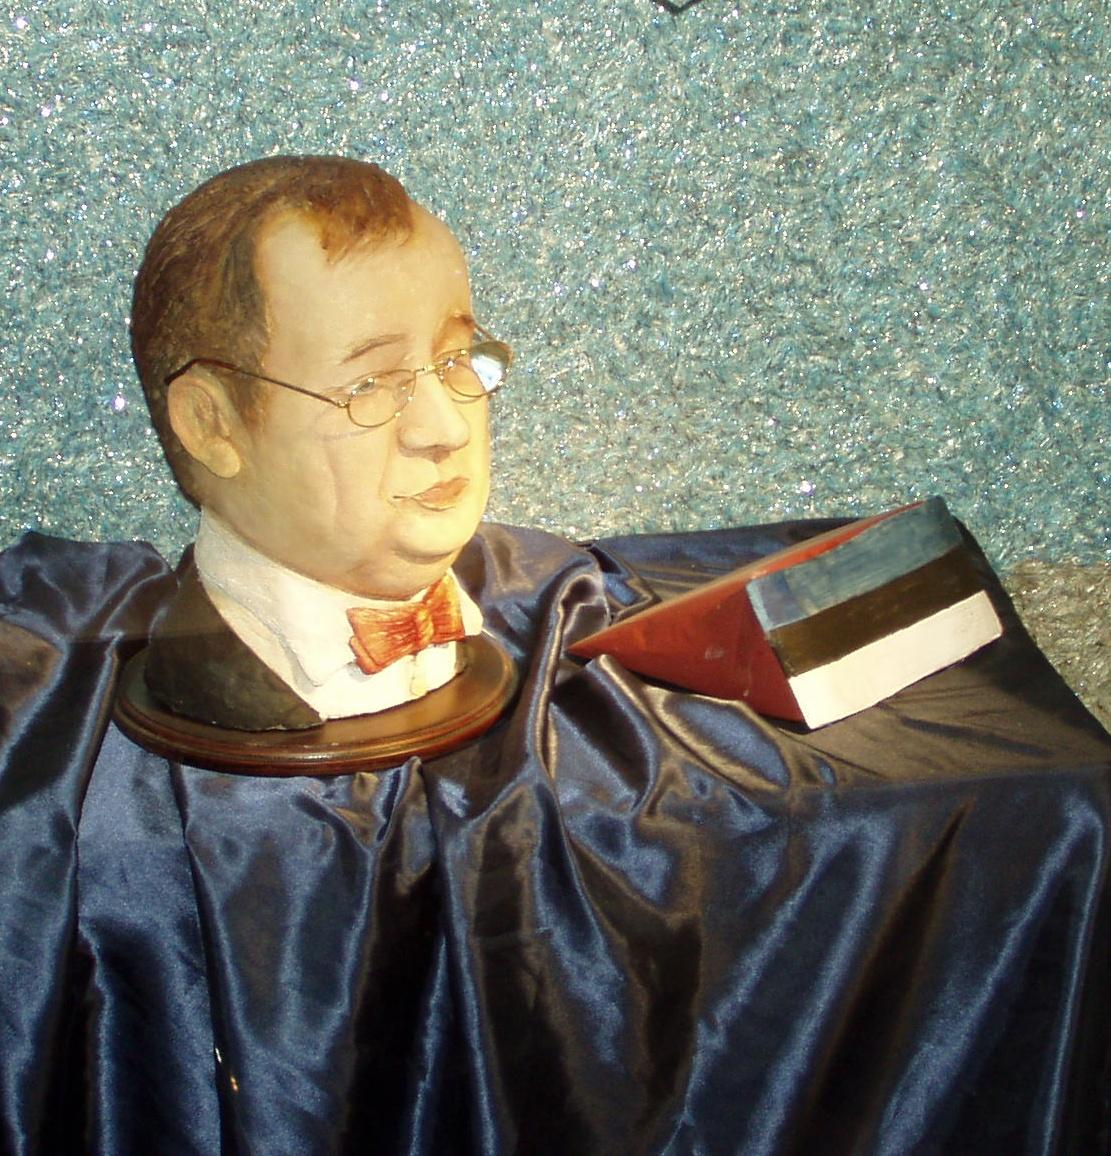 Martsipanist tehtud kuju president Toomas Hendrik Ilves´ega. Foto Virgo Kruve